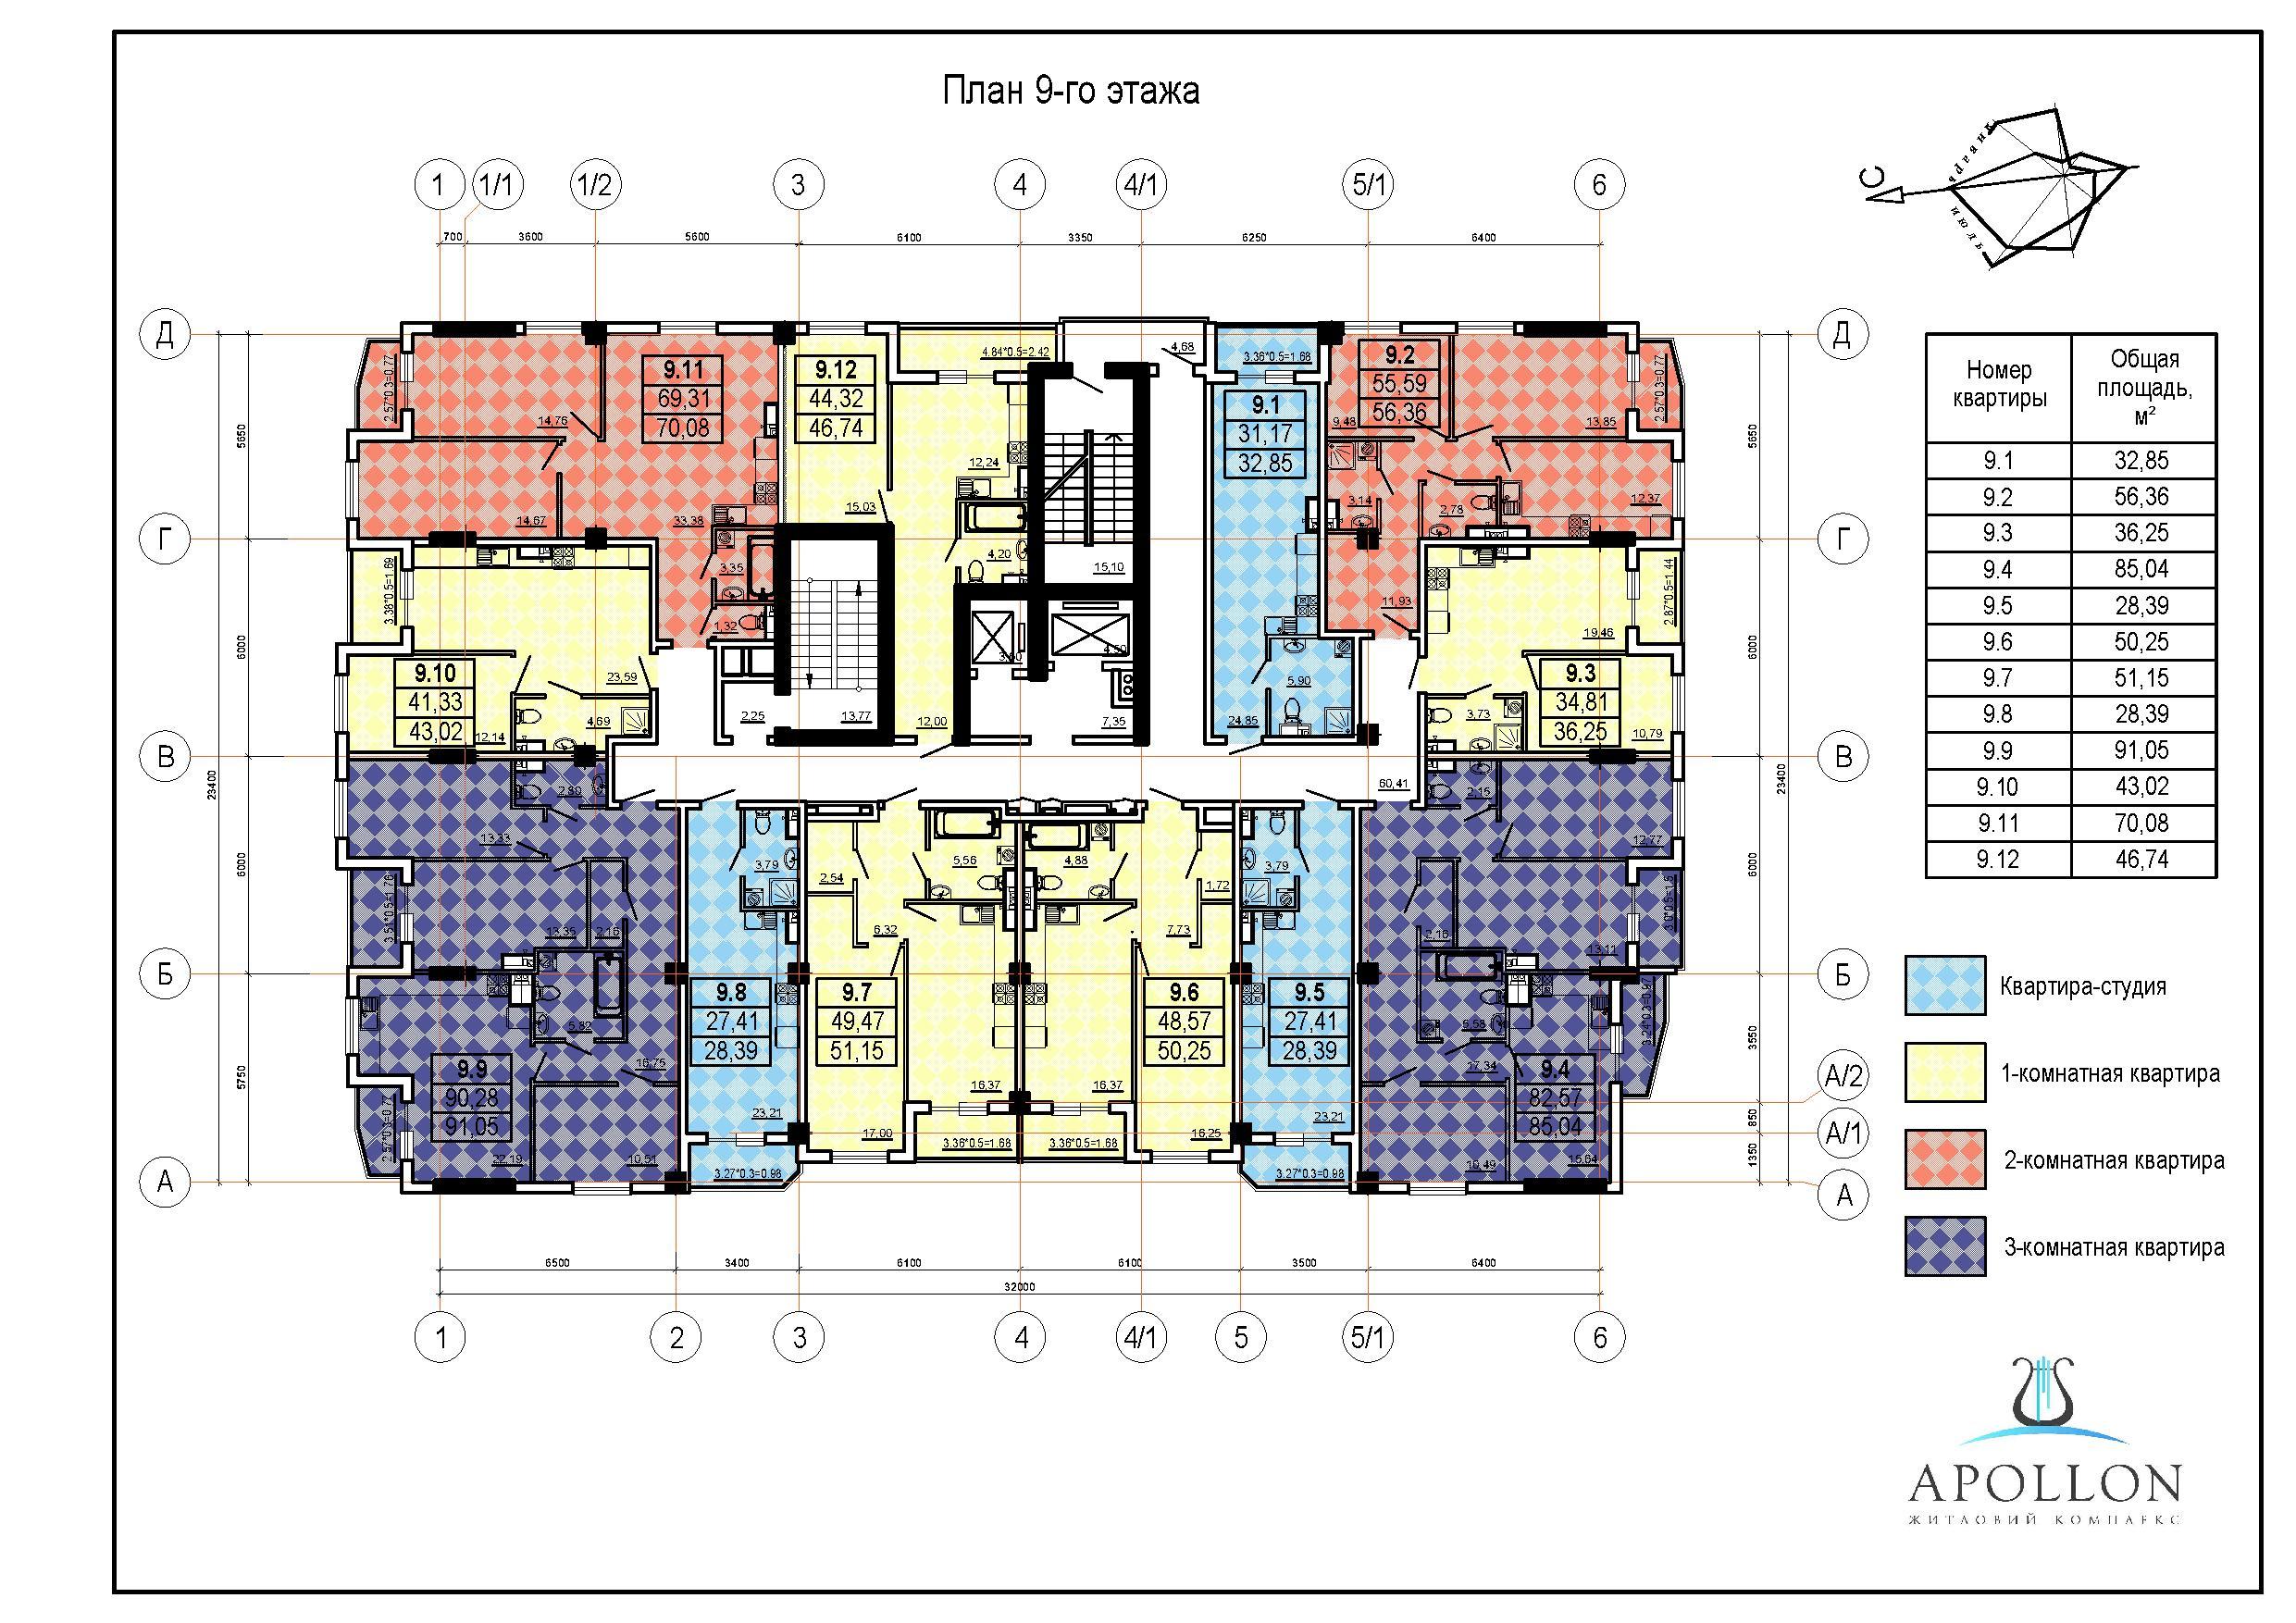 ЖК Аполлон Гефест типовой план 9-10 этажа